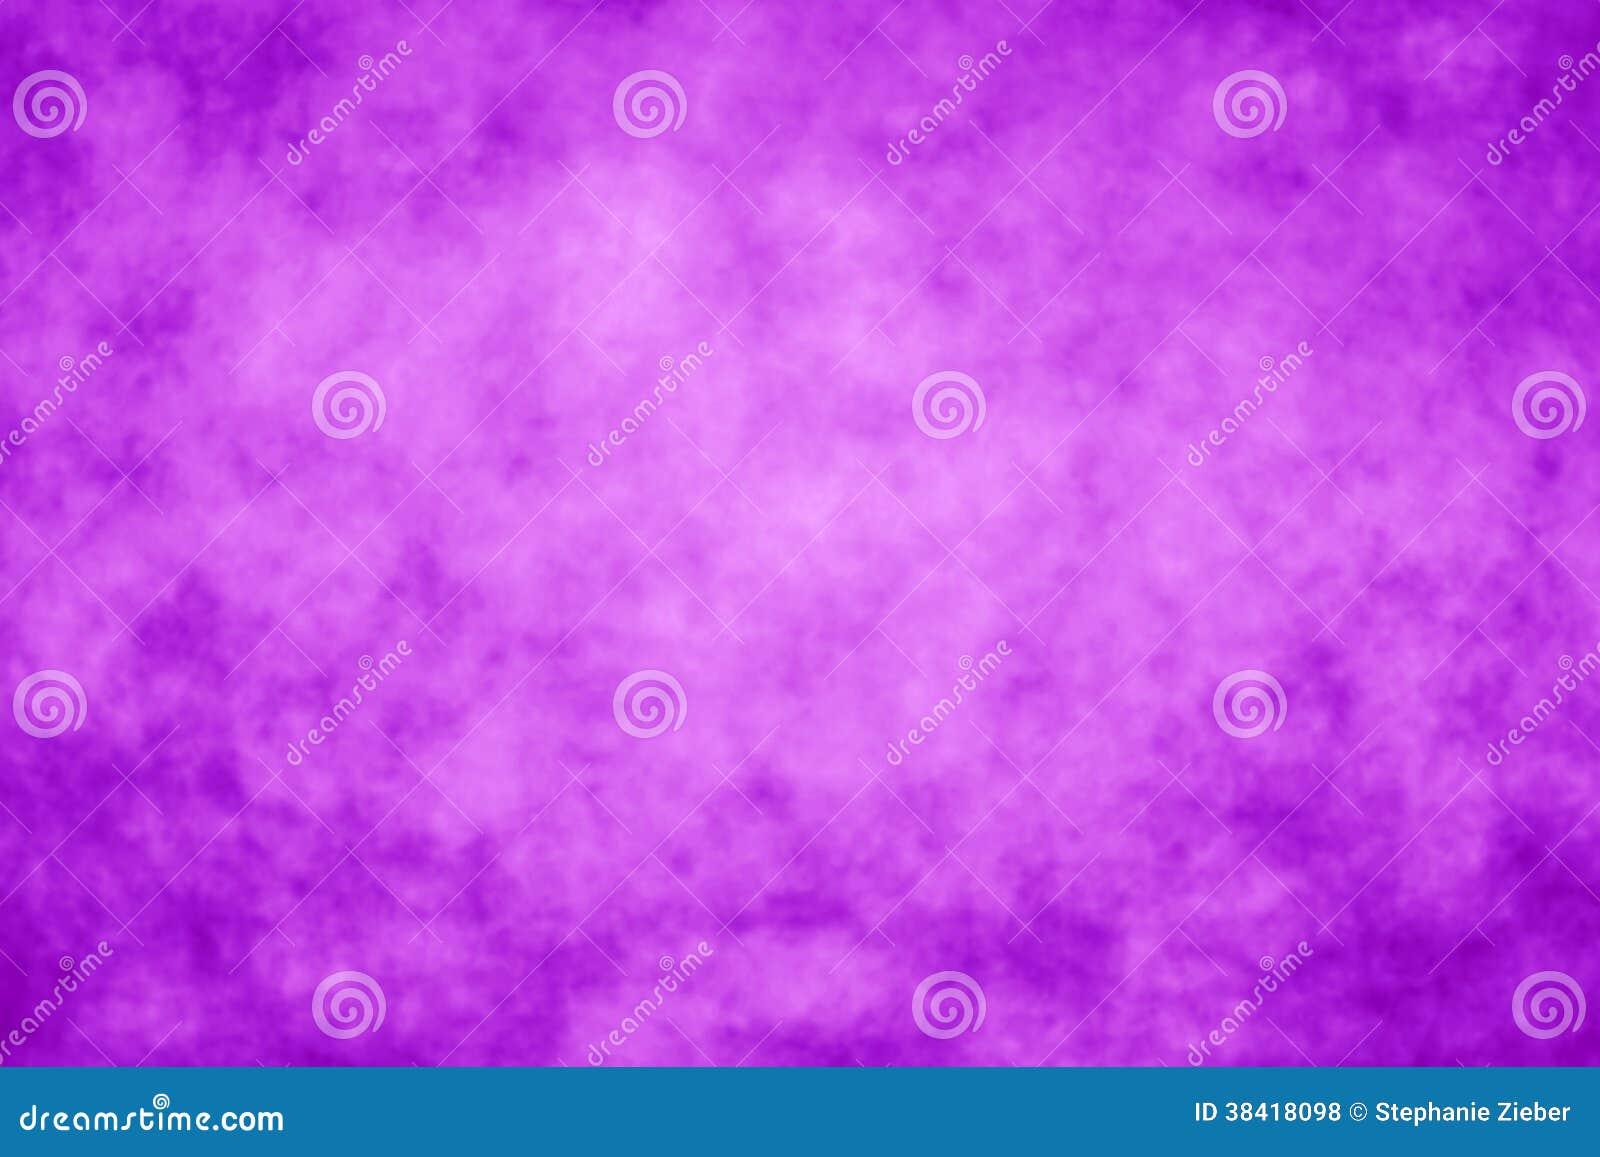 Фиолетовая предпосылка